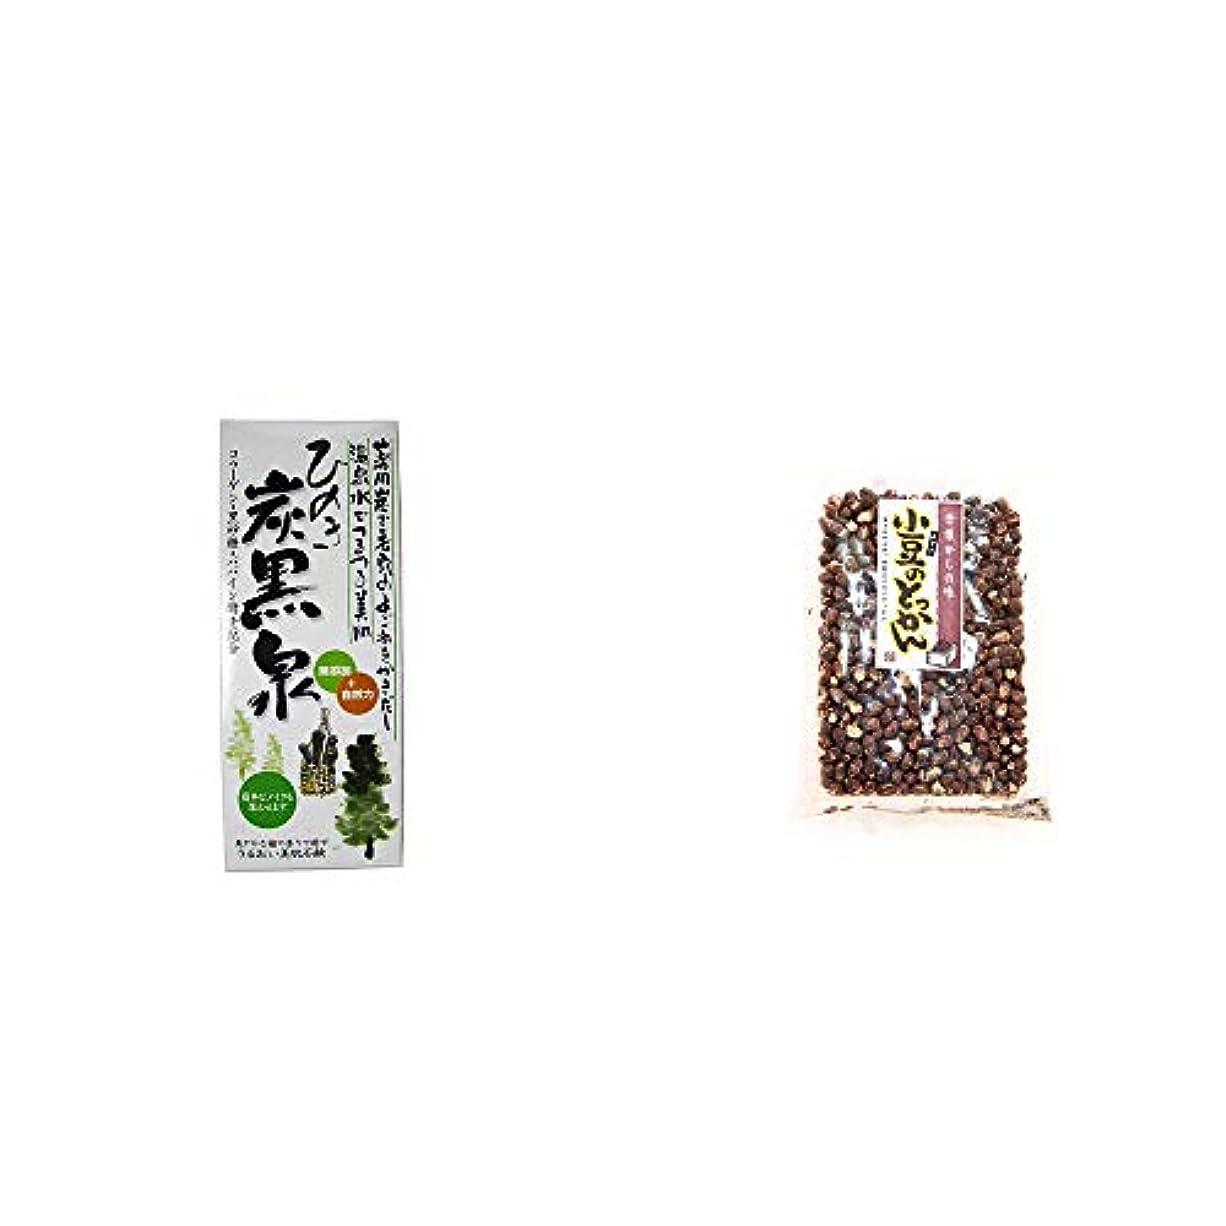 ヒギンズ傷跡モジュール[2点セット] ひのき炭黒泉 箱入り(75g×3)?小豆のとっかん(150g)